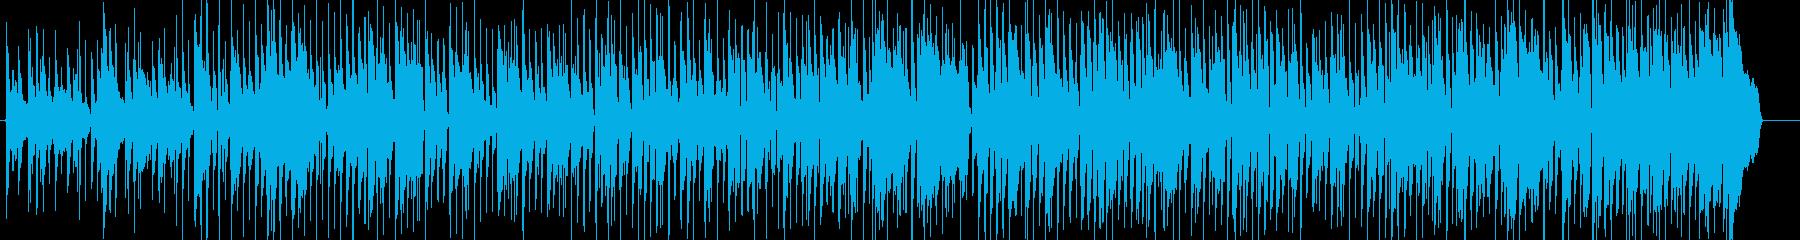 ブルースギターを用いたのんびりカントリーの再生済みの波形